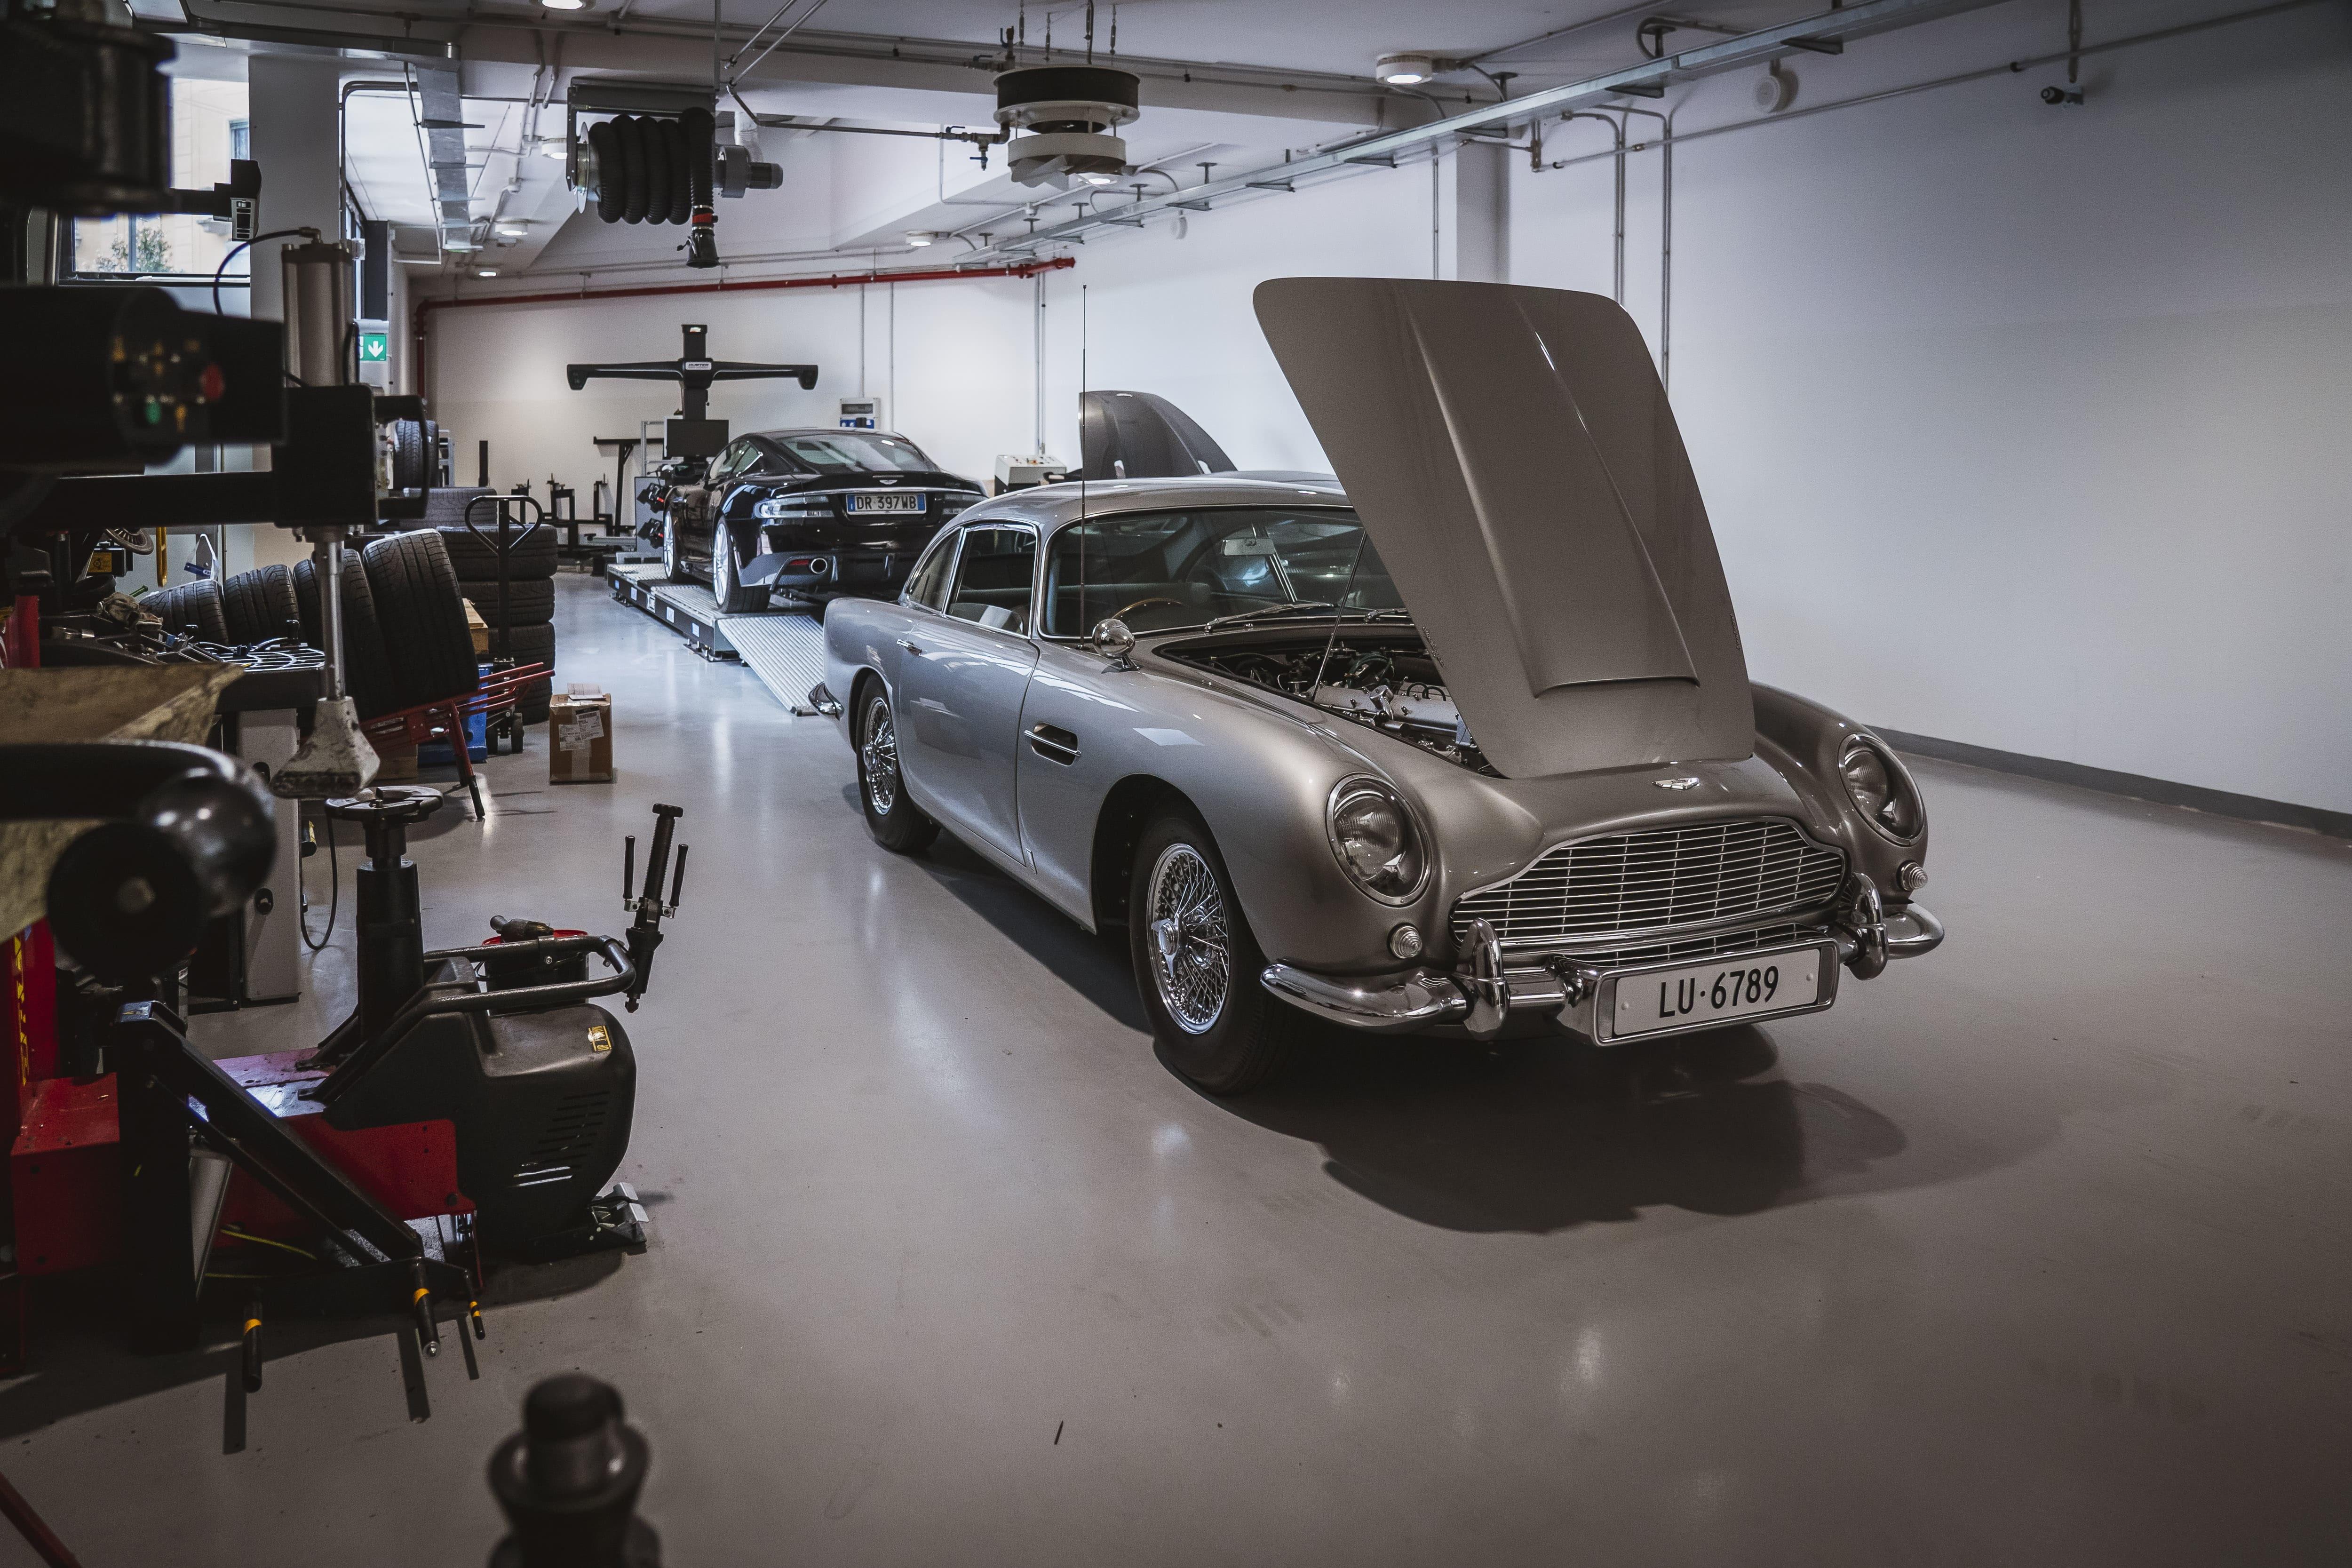 La celebre auto di 007 riprende vita: eccola in esposizione a Milano da Gino Luxury &amp; Motorsport. Foto di Luca Riva<br /><br />